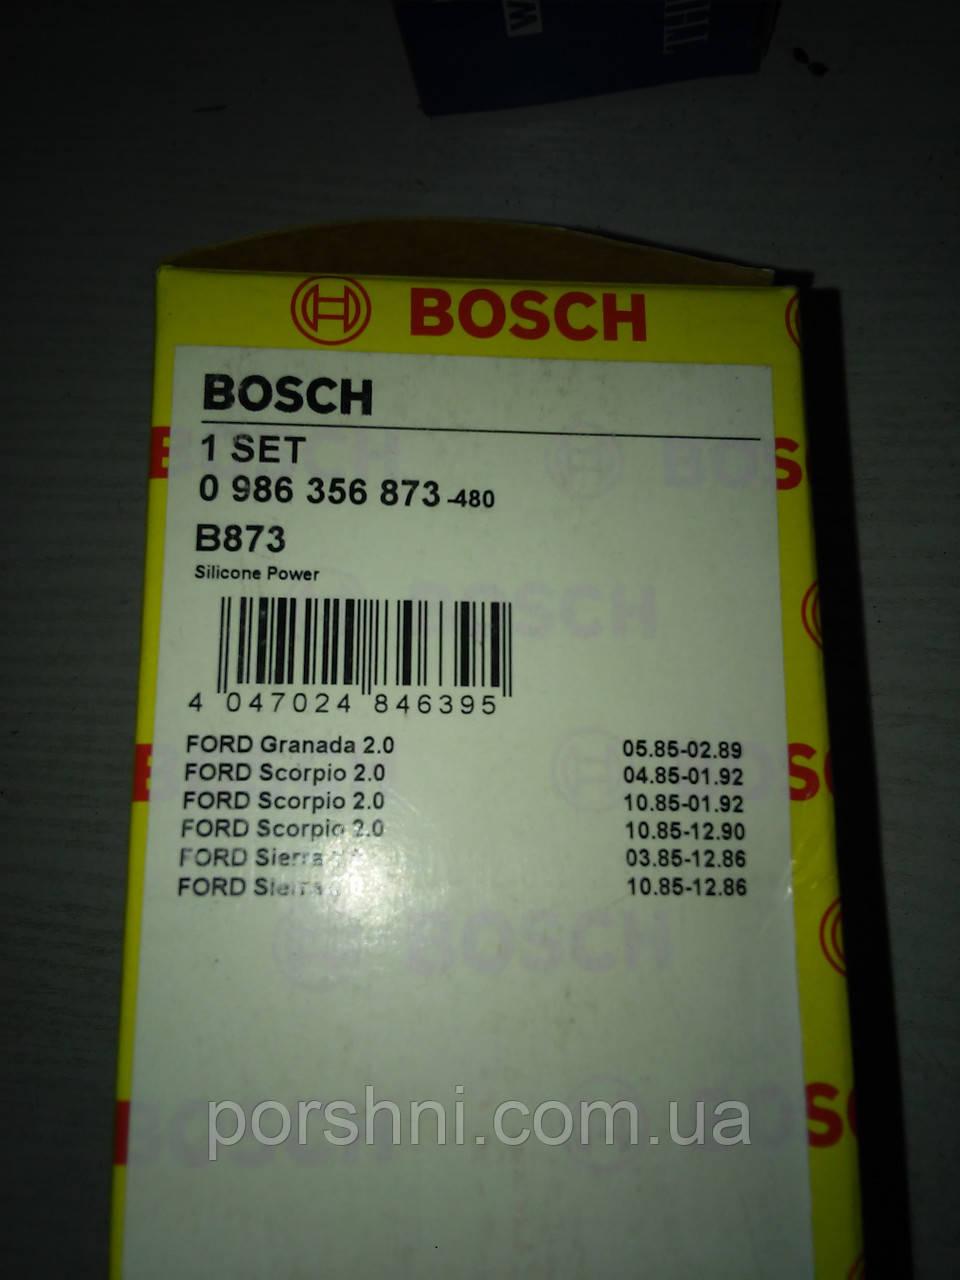 Провода  высоковольтные Форд Сиера Скорпио 2,0  ОНС инжектор        BOSCH   0 986 356 873